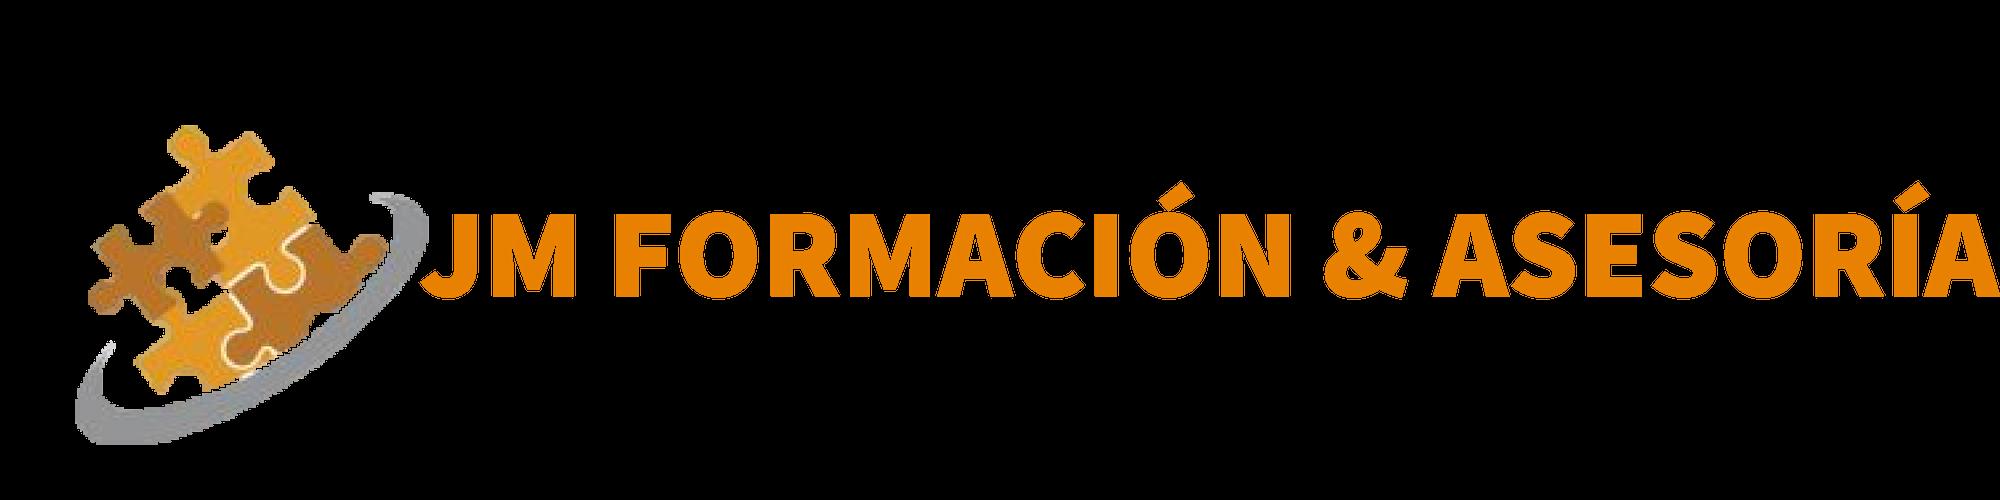 JM Formación & Asesoría